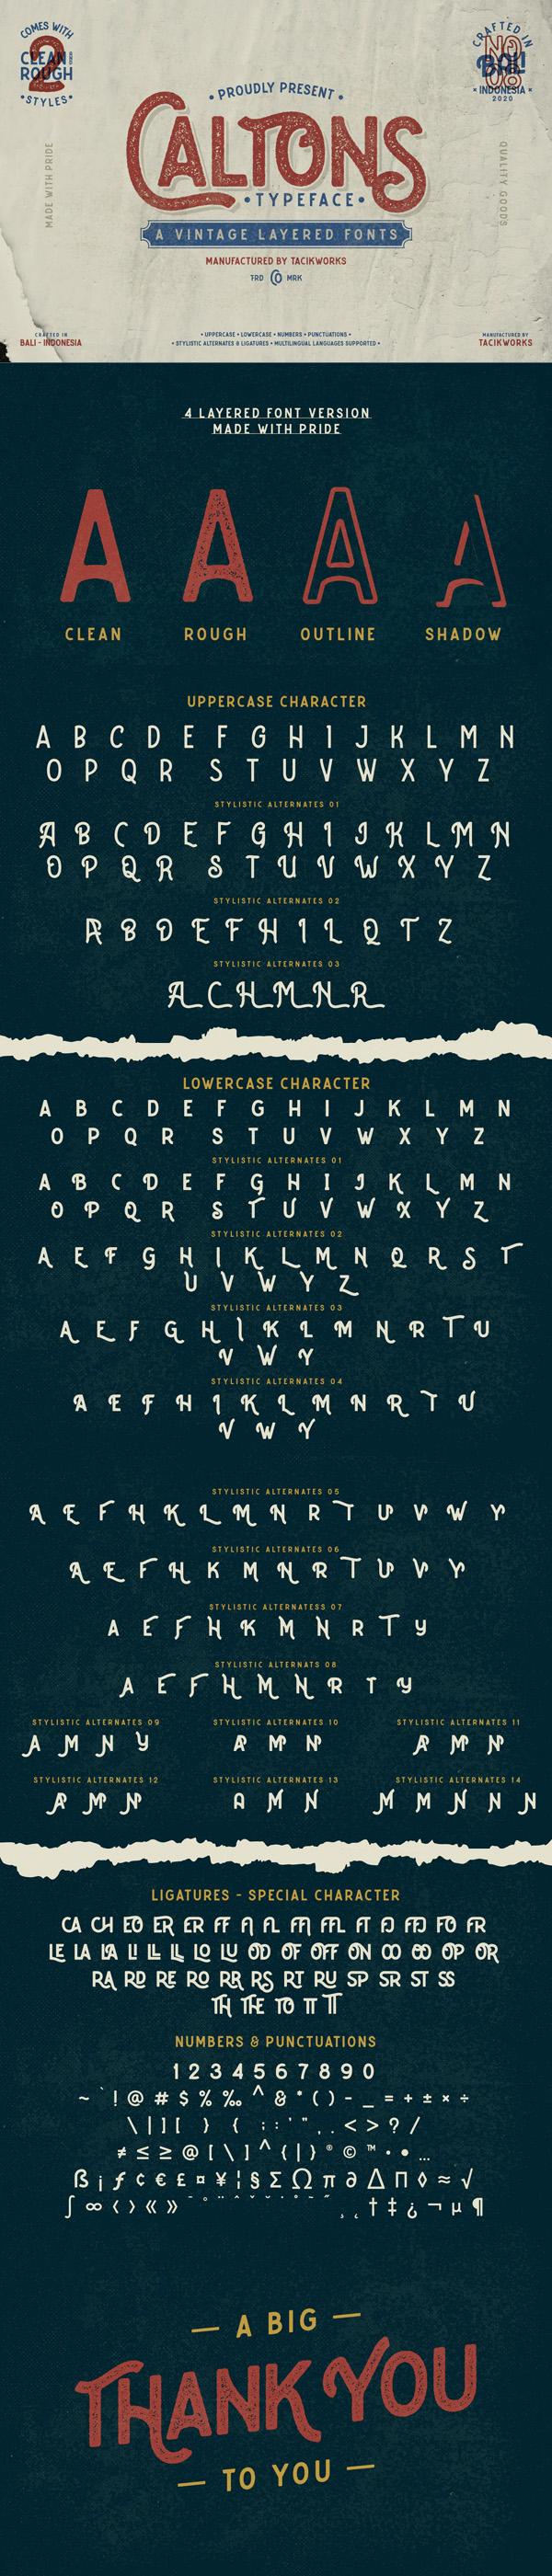 Caltons Typeface